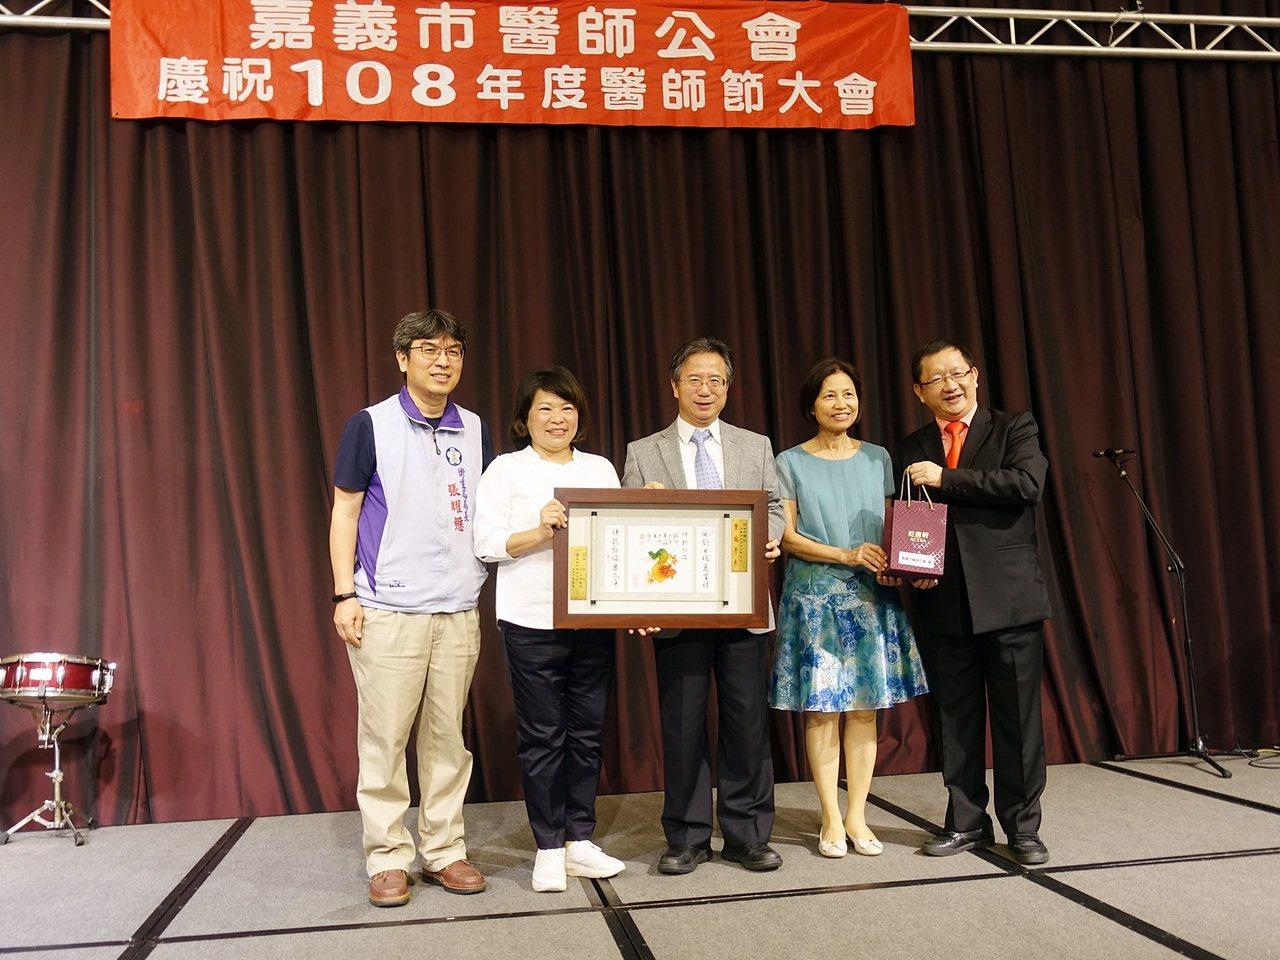 嘉義市長黃敏惠、衛生局長張耀懋,昨天參加嘉義市醫師節大會,感謝眾醫師為市民付出。...